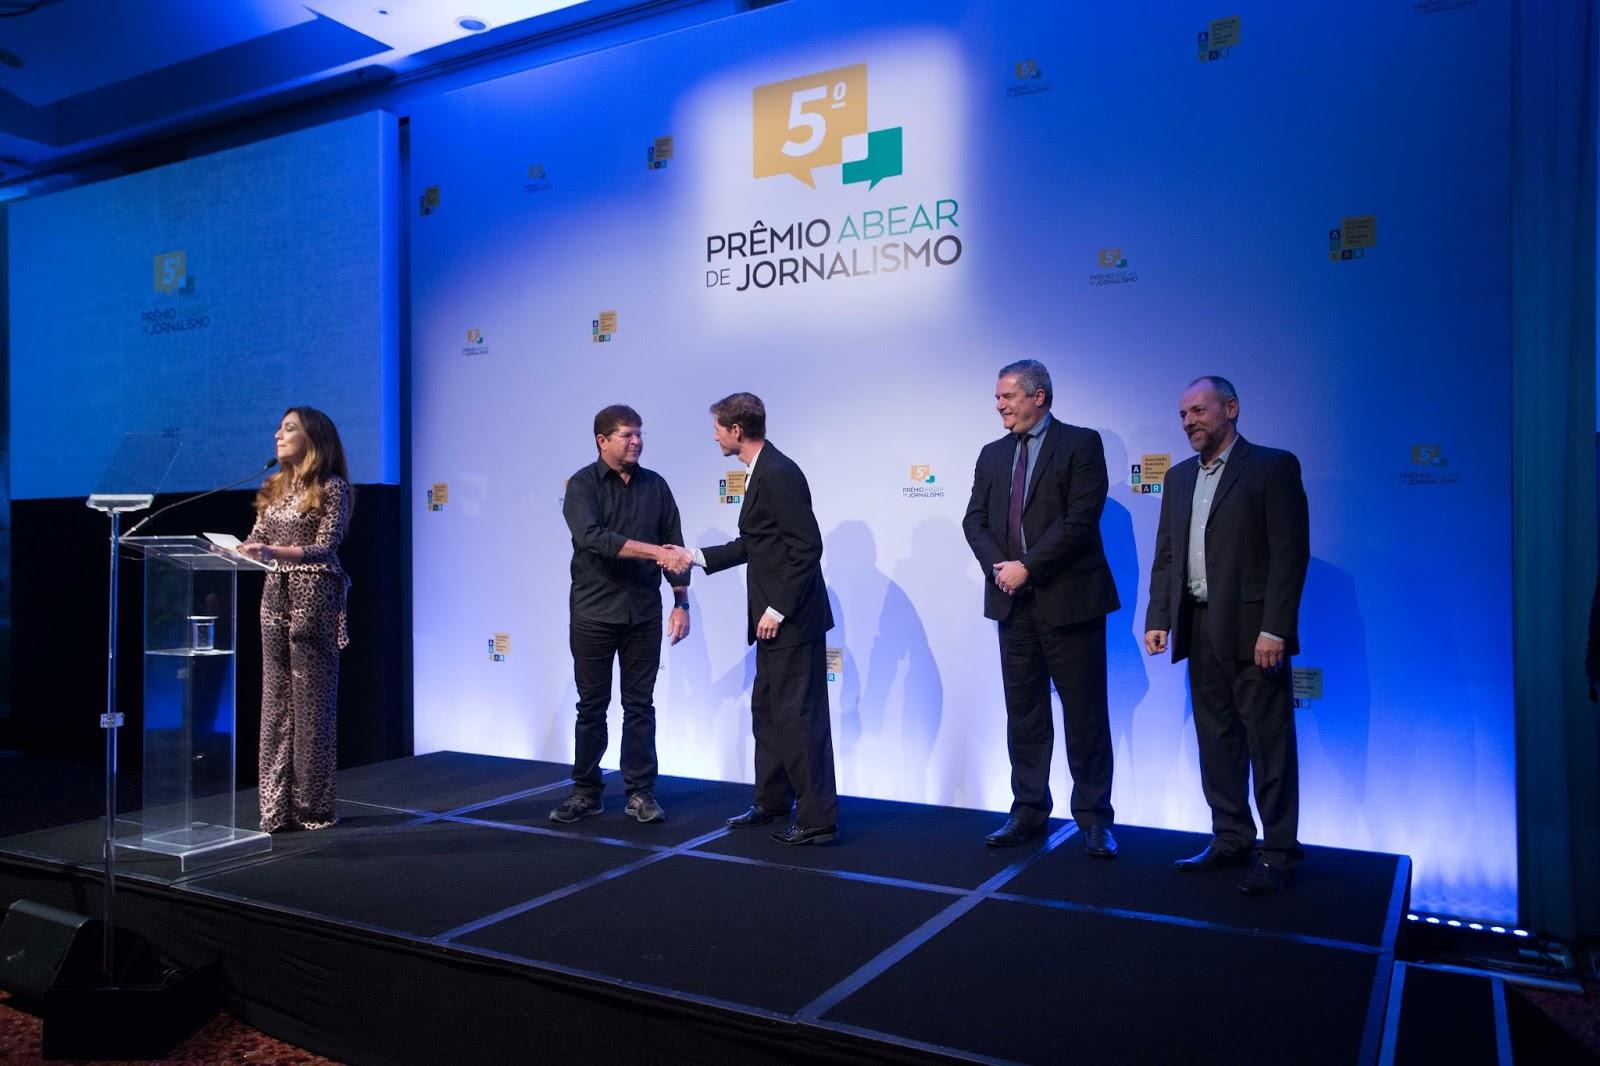 É MAIS QUE VOAR recebe o prêmio da Quinta edição do Prêmio ABEAR de jornalismo